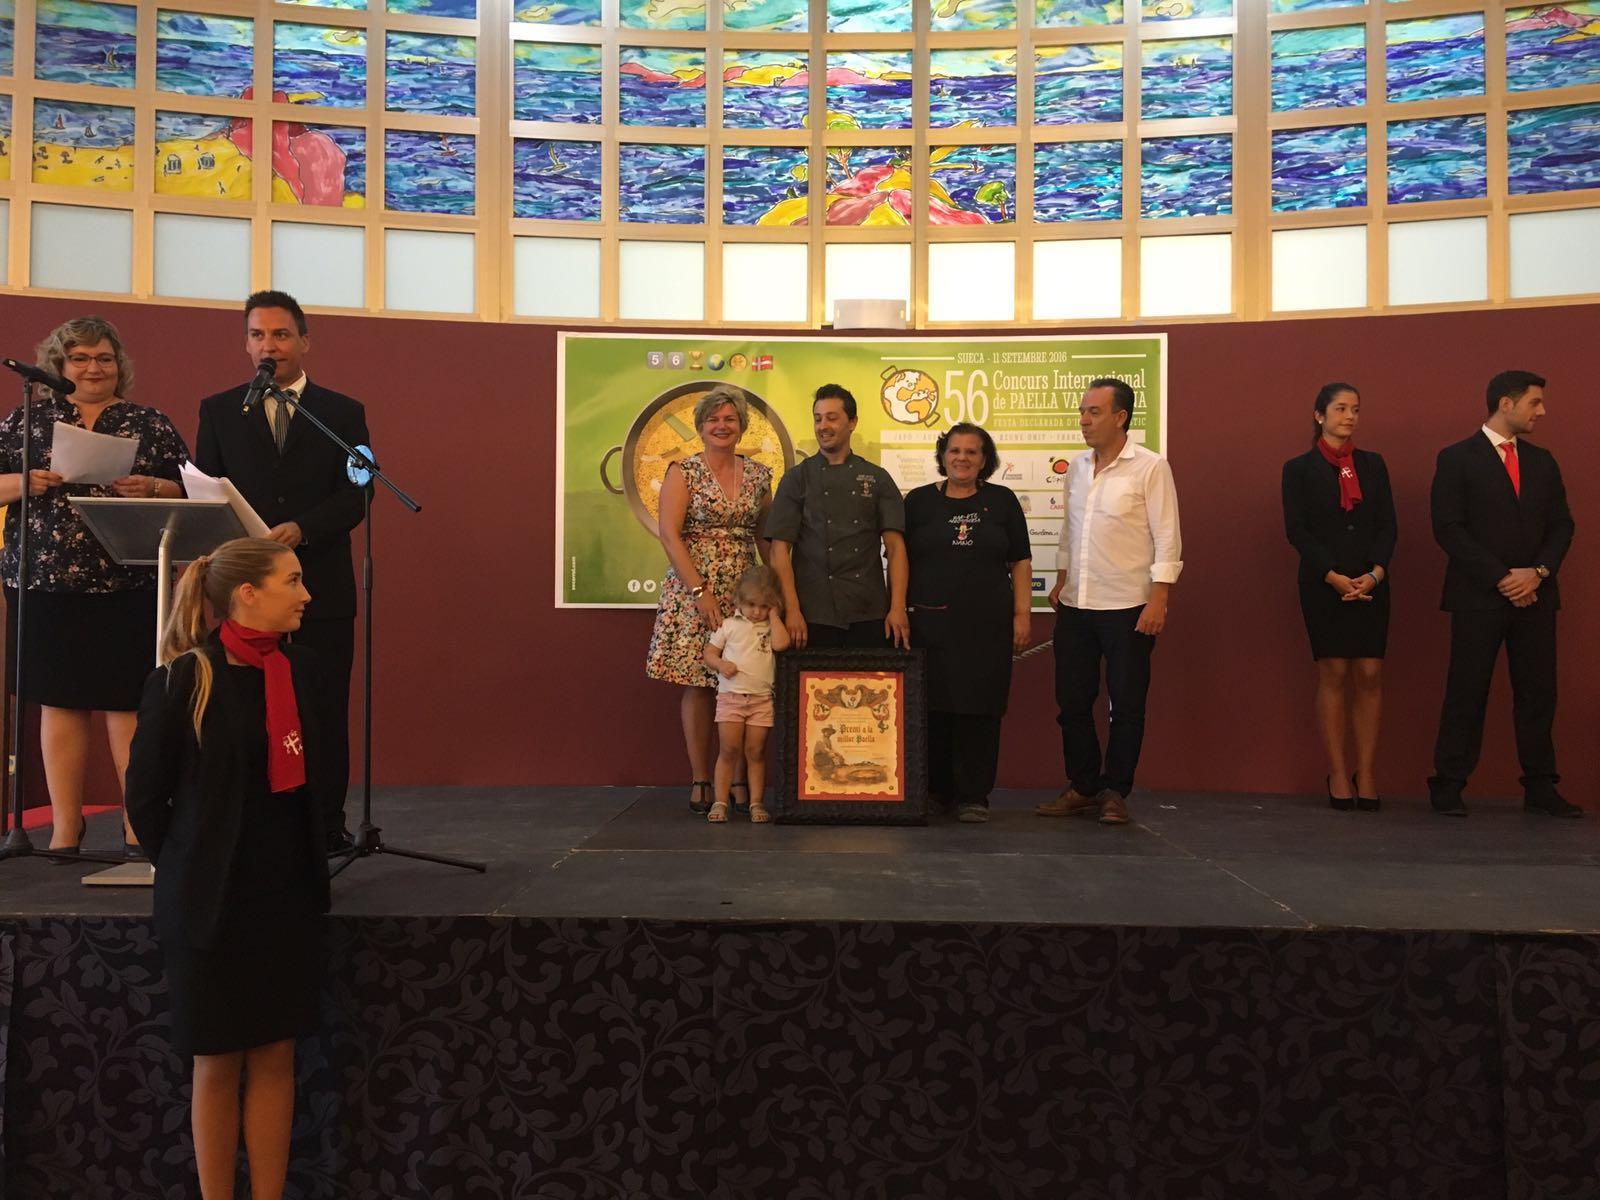 El Restaurante Casa Pepe Sanchis de Córdoba gana la 56ª edición del Concurs Internacional de Paella Valenciana de Sueca